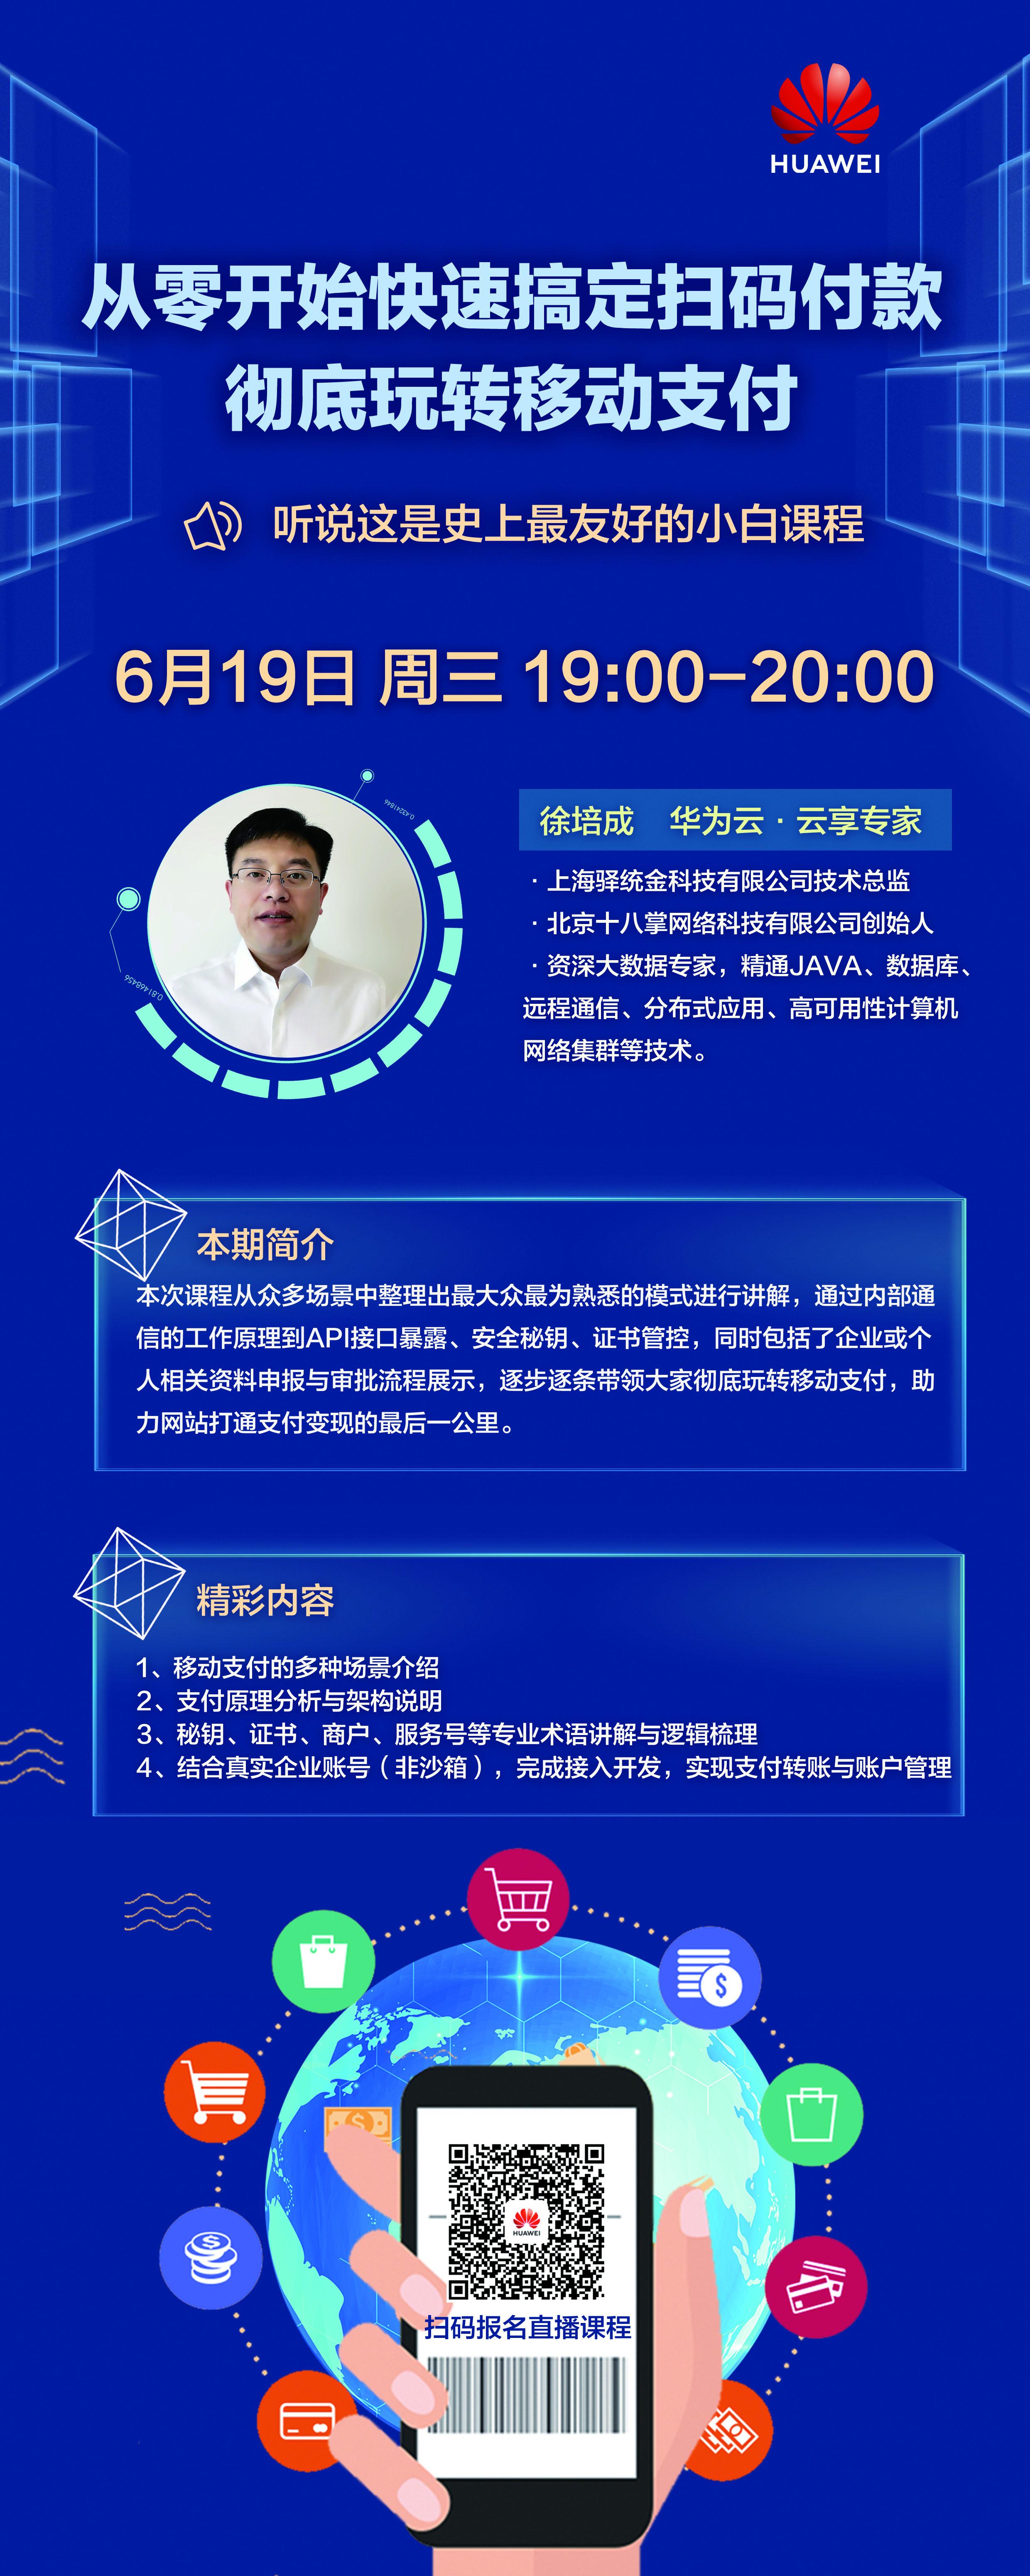 长图-追踪二维码.jpg